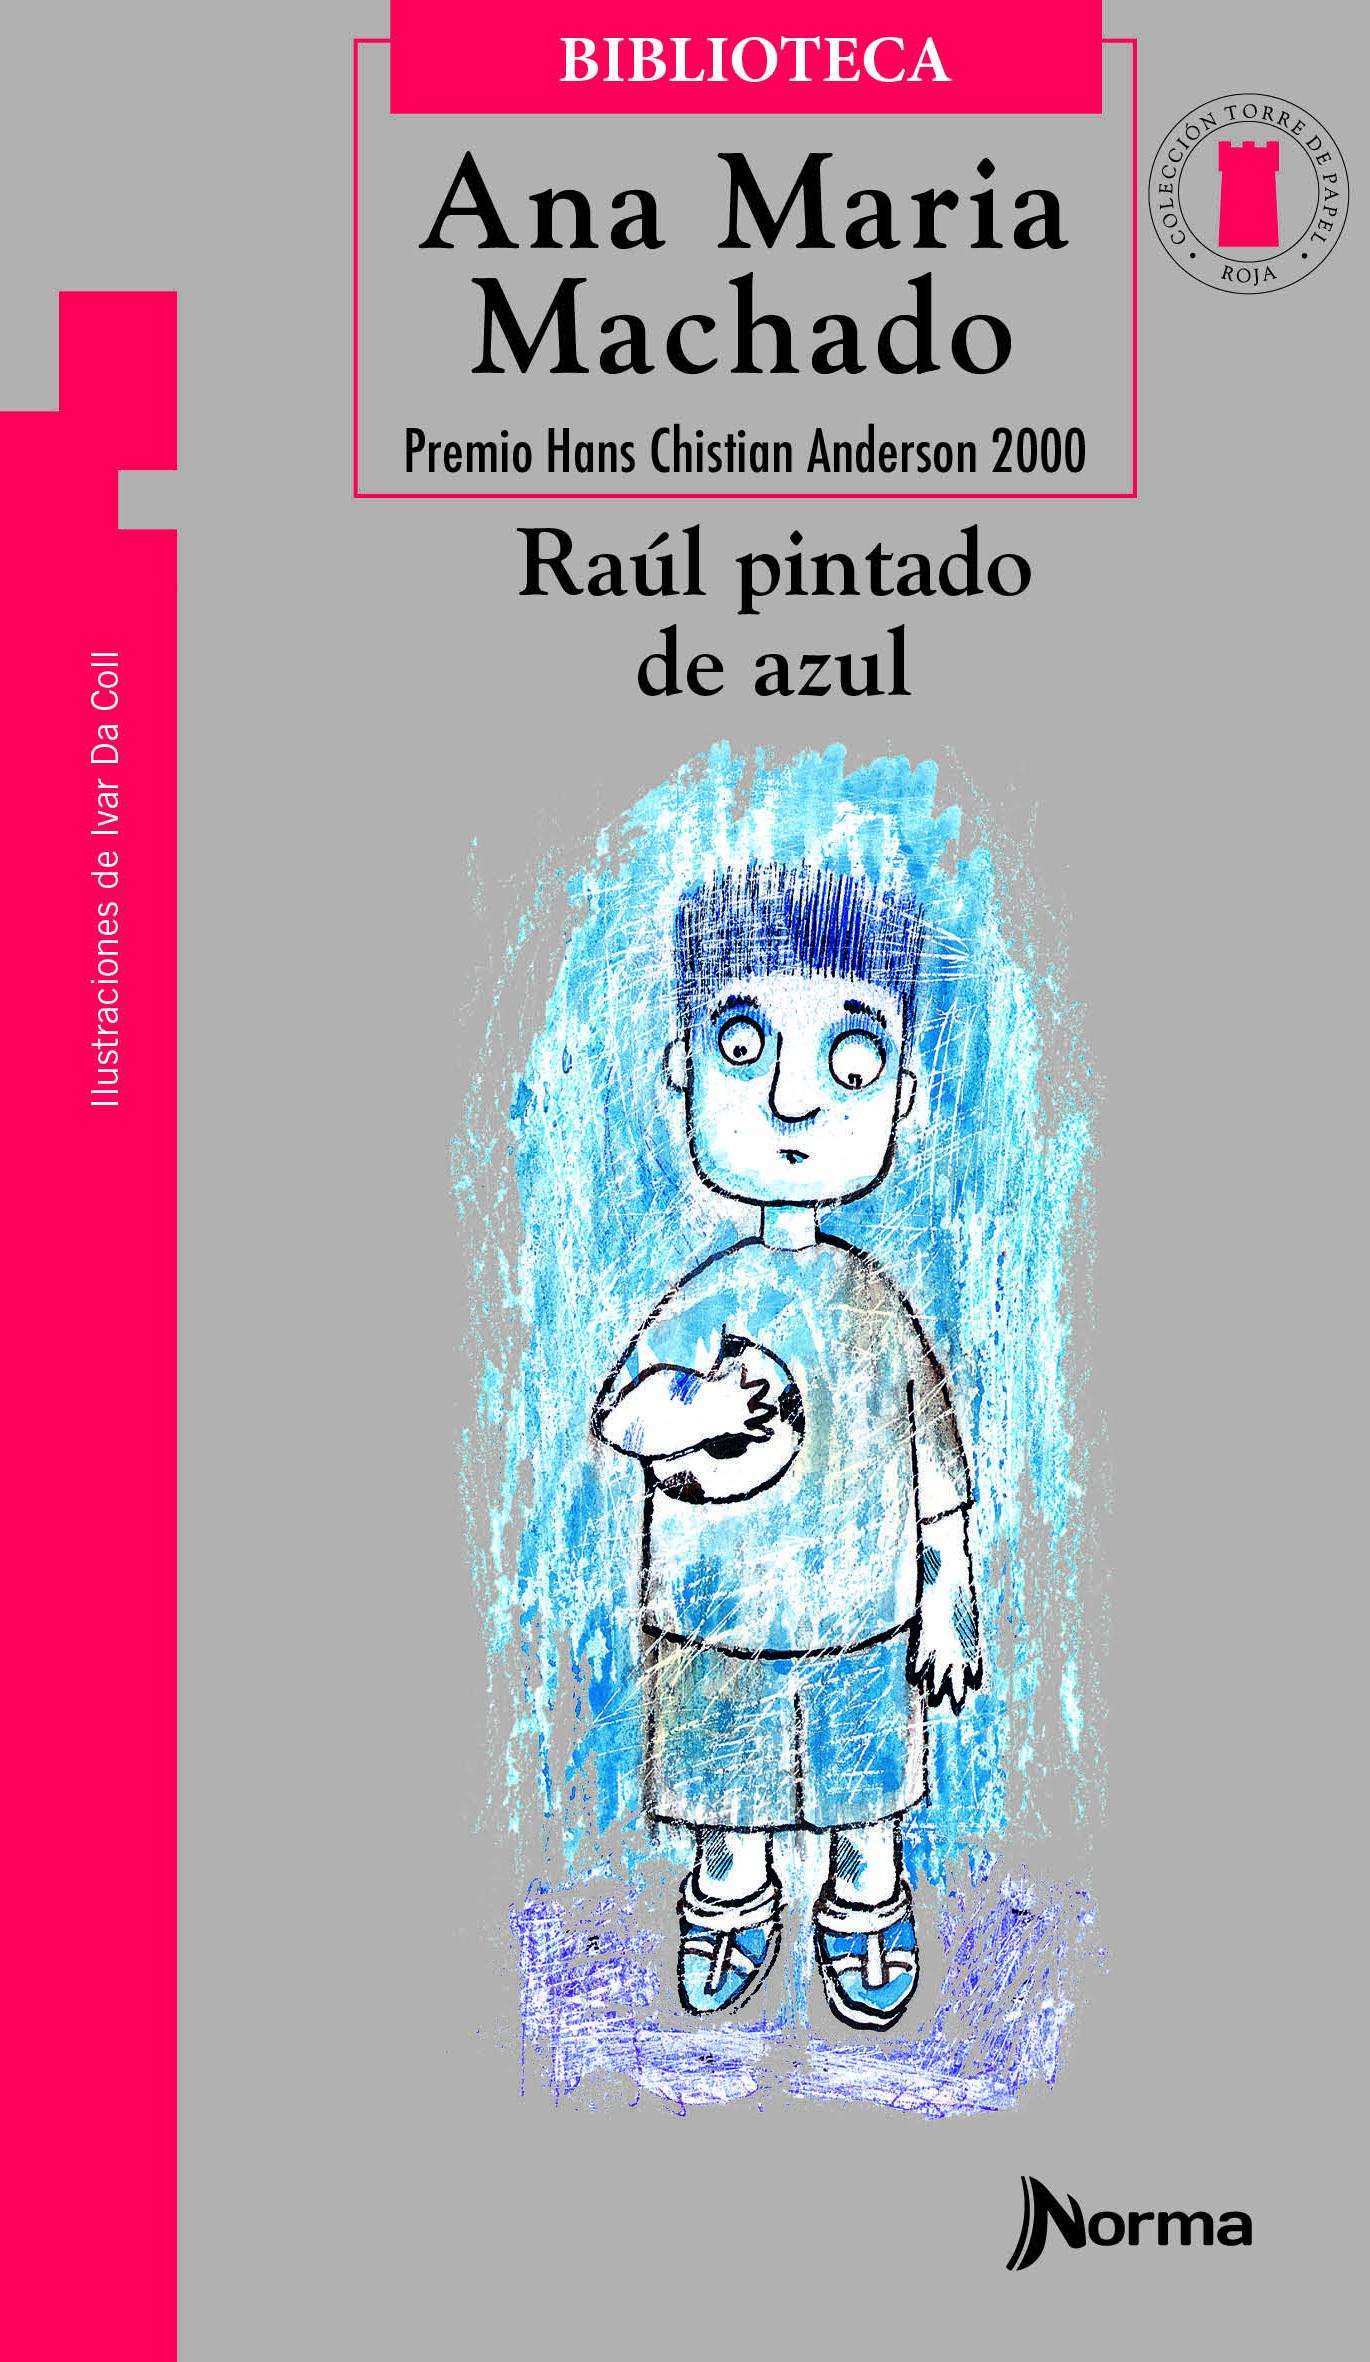 Raúl pintado de azul